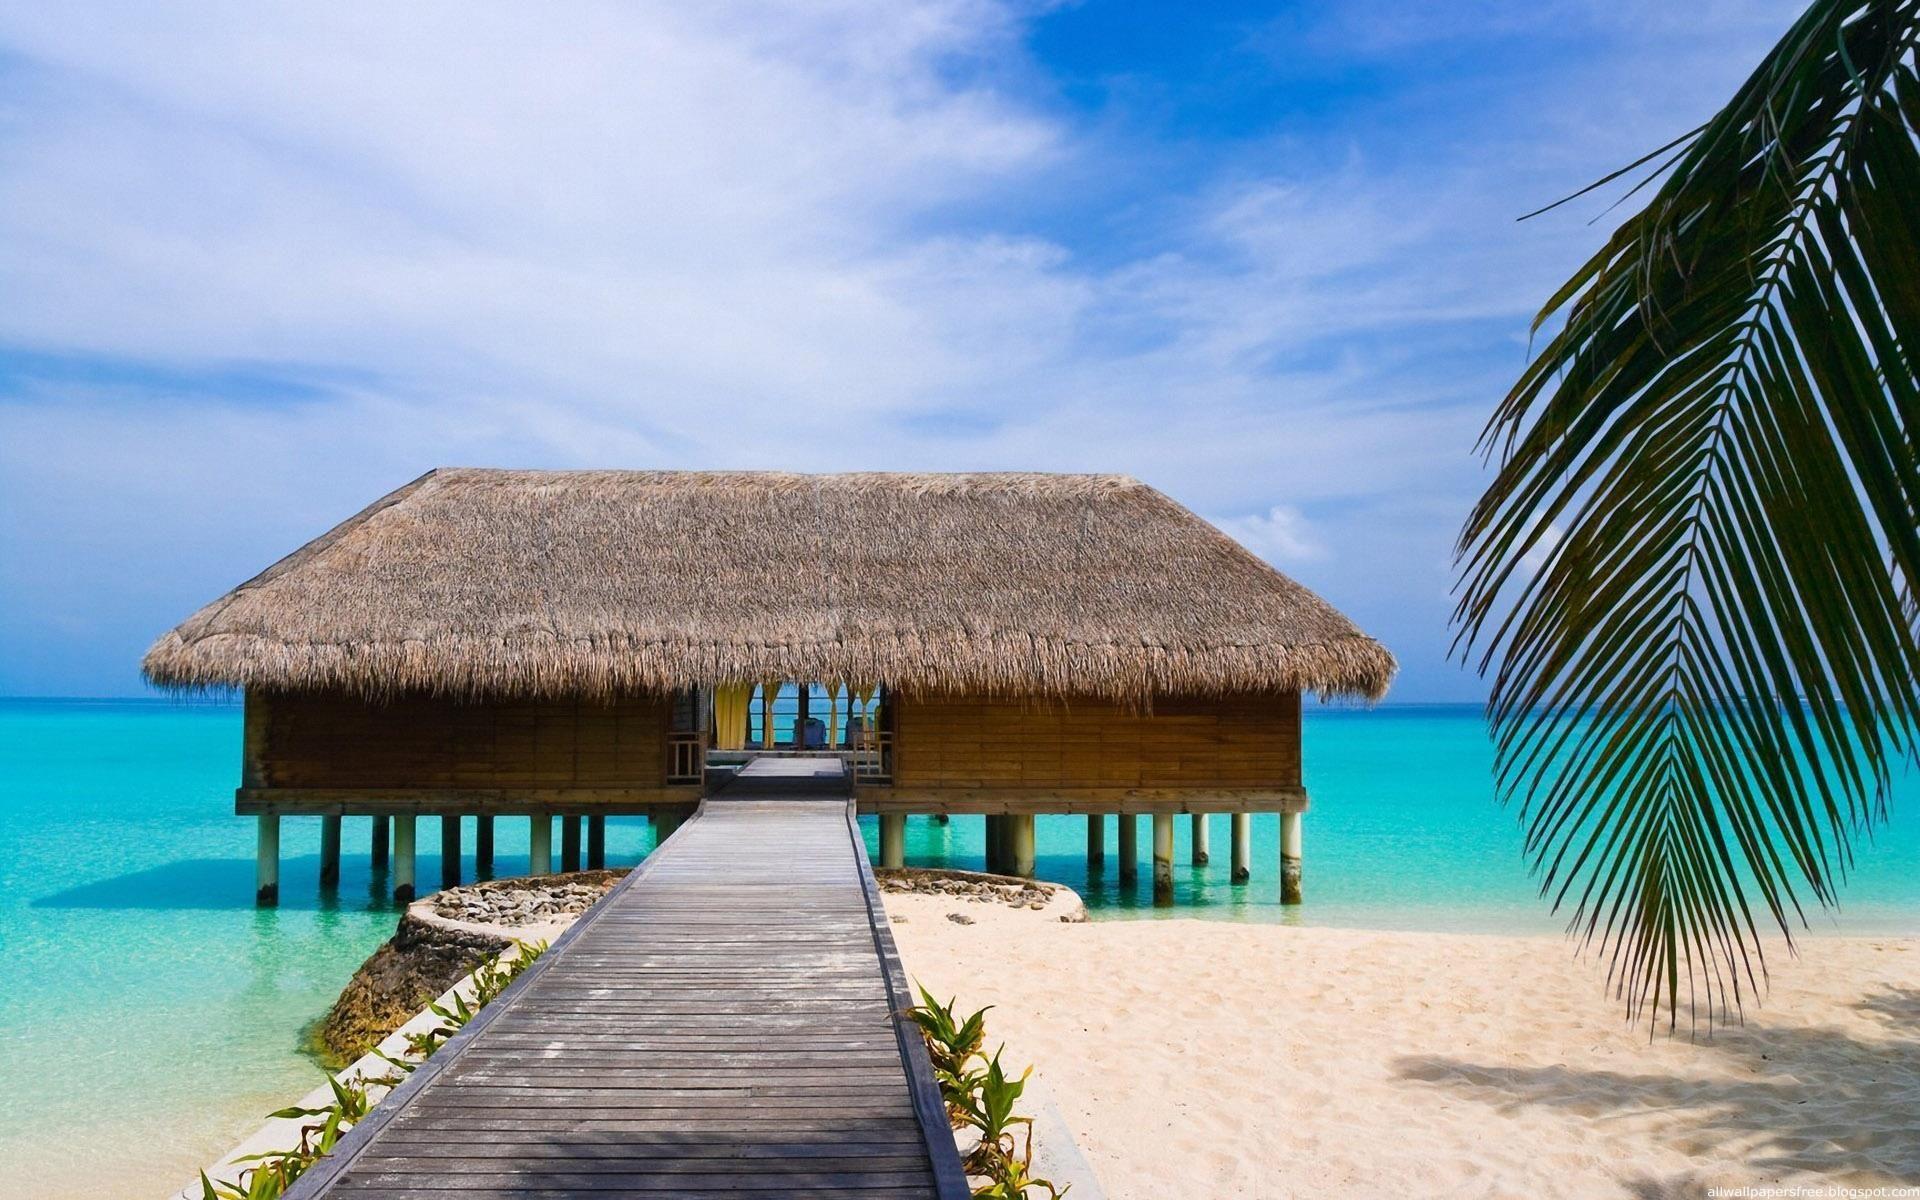 vacances de rêve  | voyager | pinterest | maisons de plage, ile